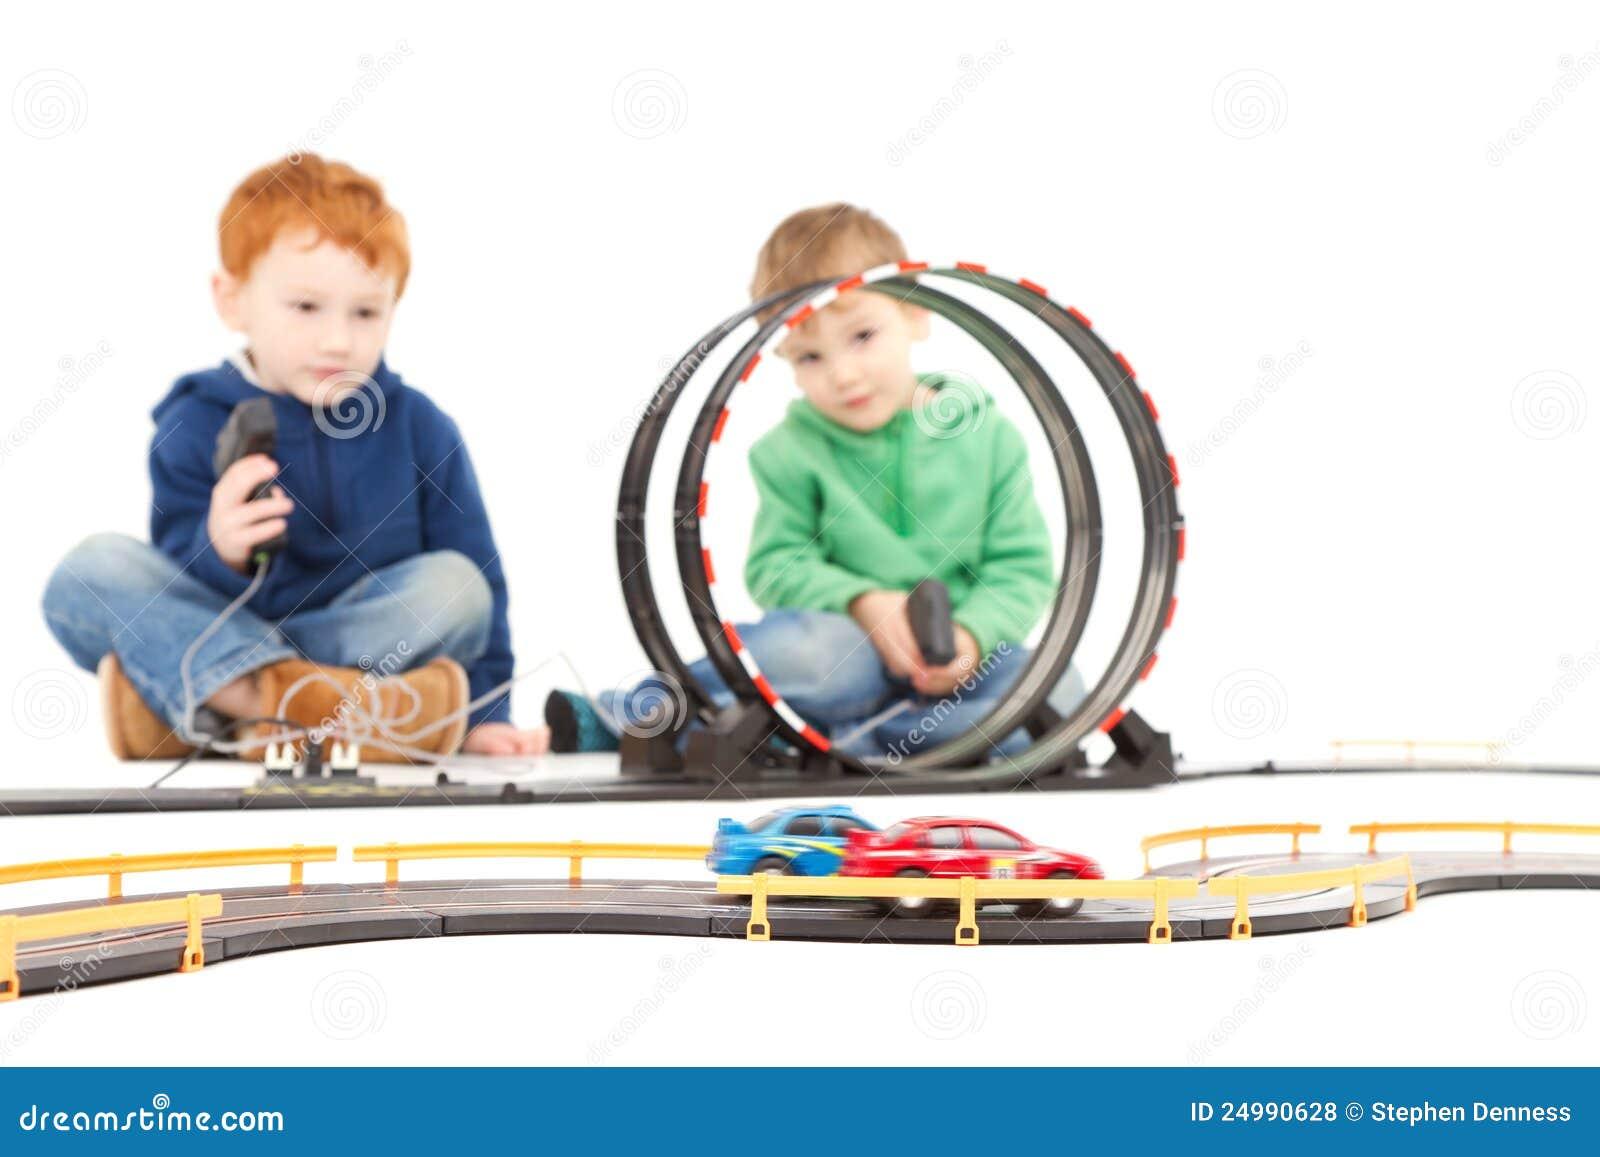 κατσίκια παιχνιδιού παιδιών αυτοκινήτων που παίζουν το παιχνίδι συνεδρίασης αγώνα